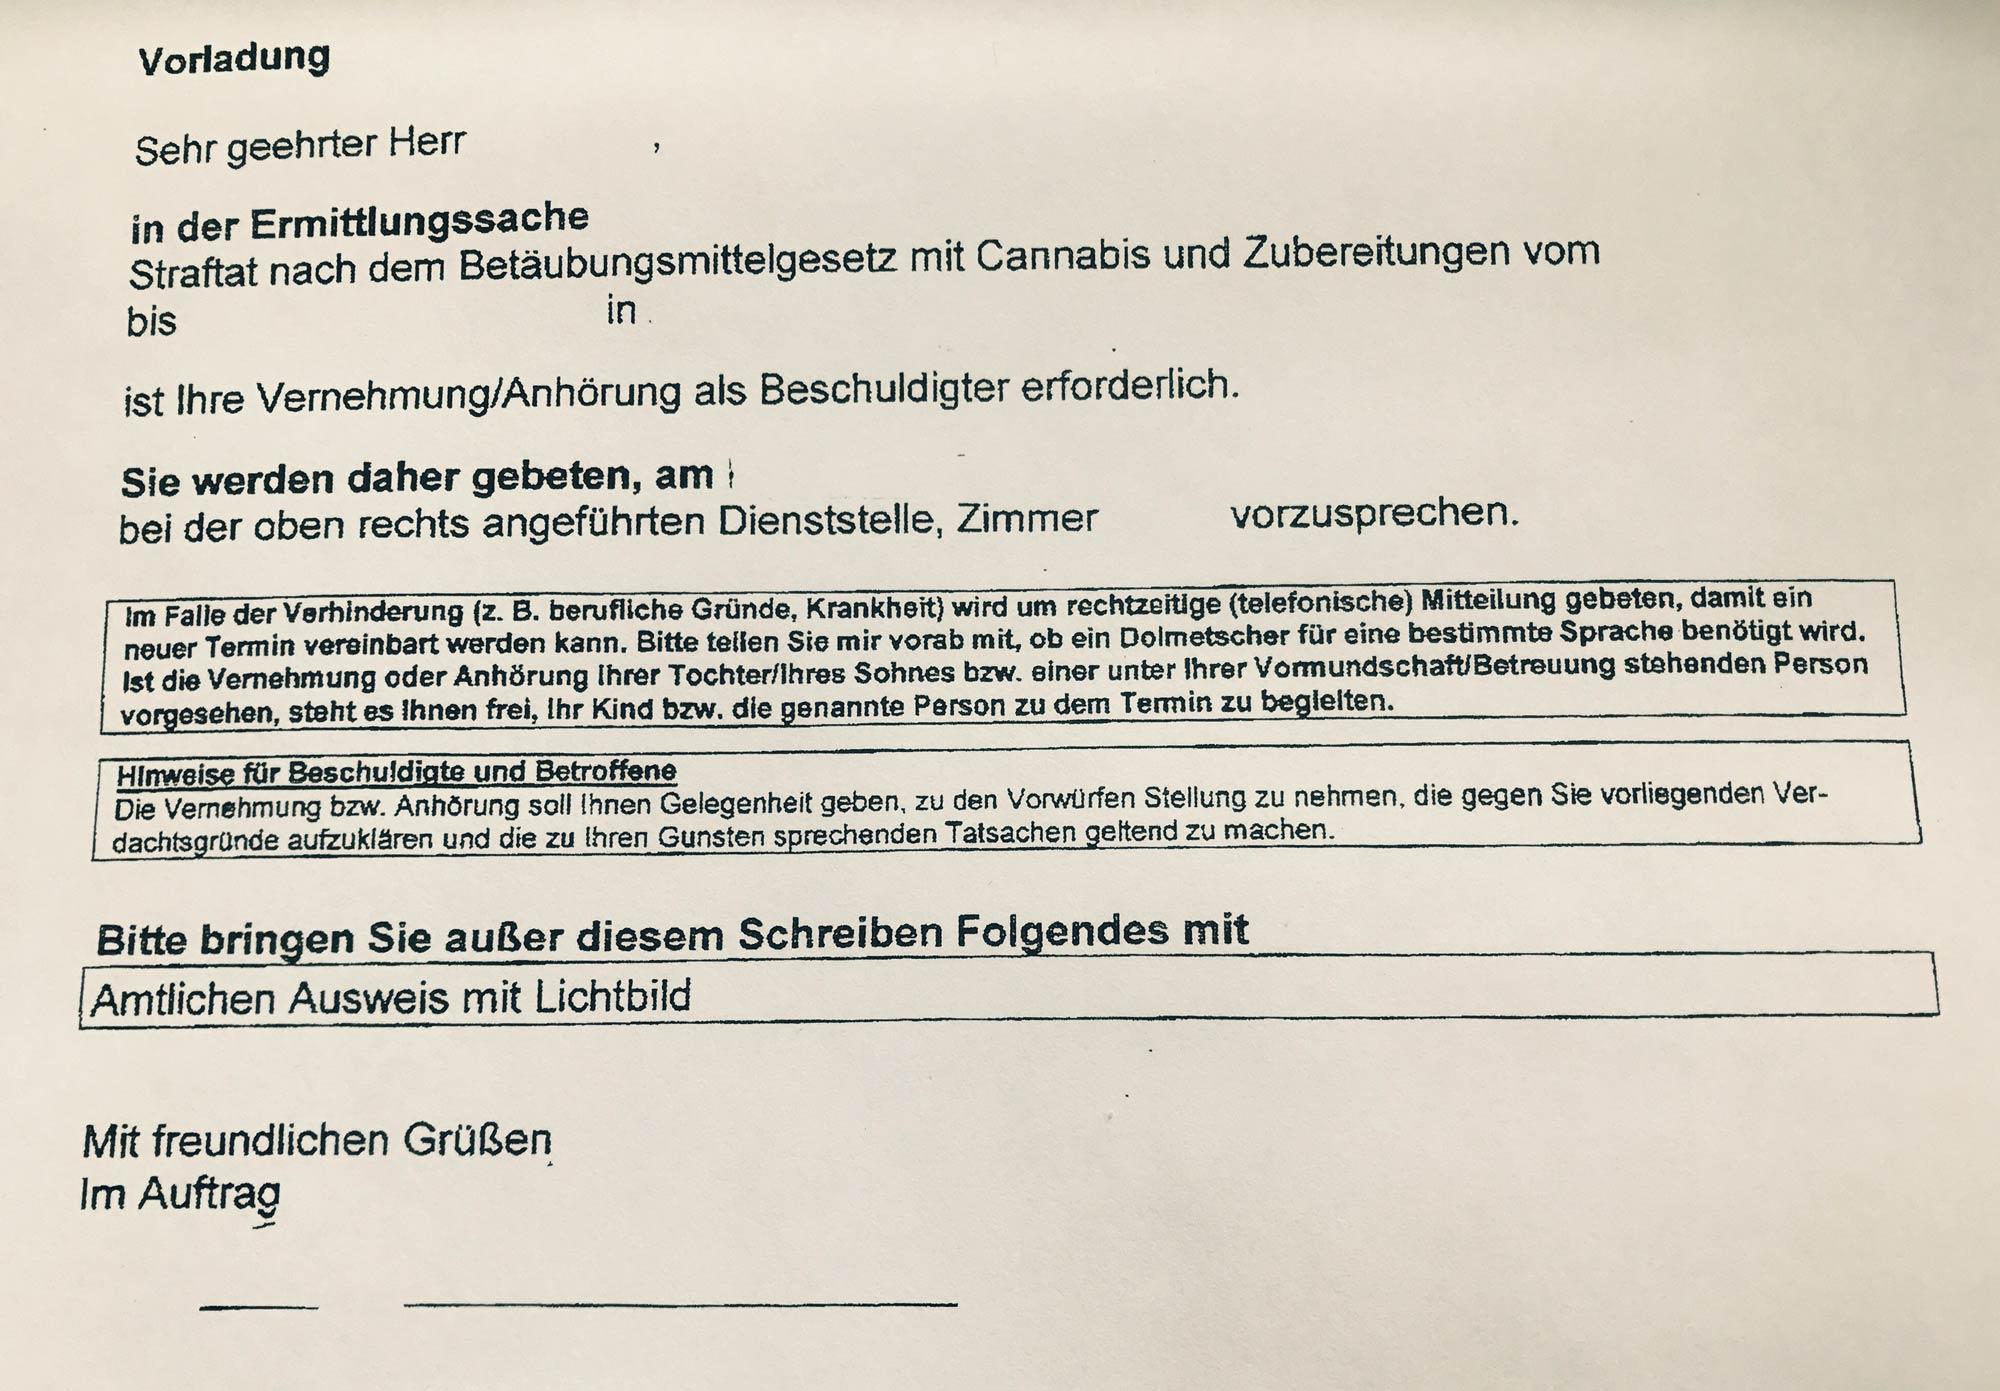 Kanzlei Louis & Michaelis Vorladung als Beschuldigter BtMG